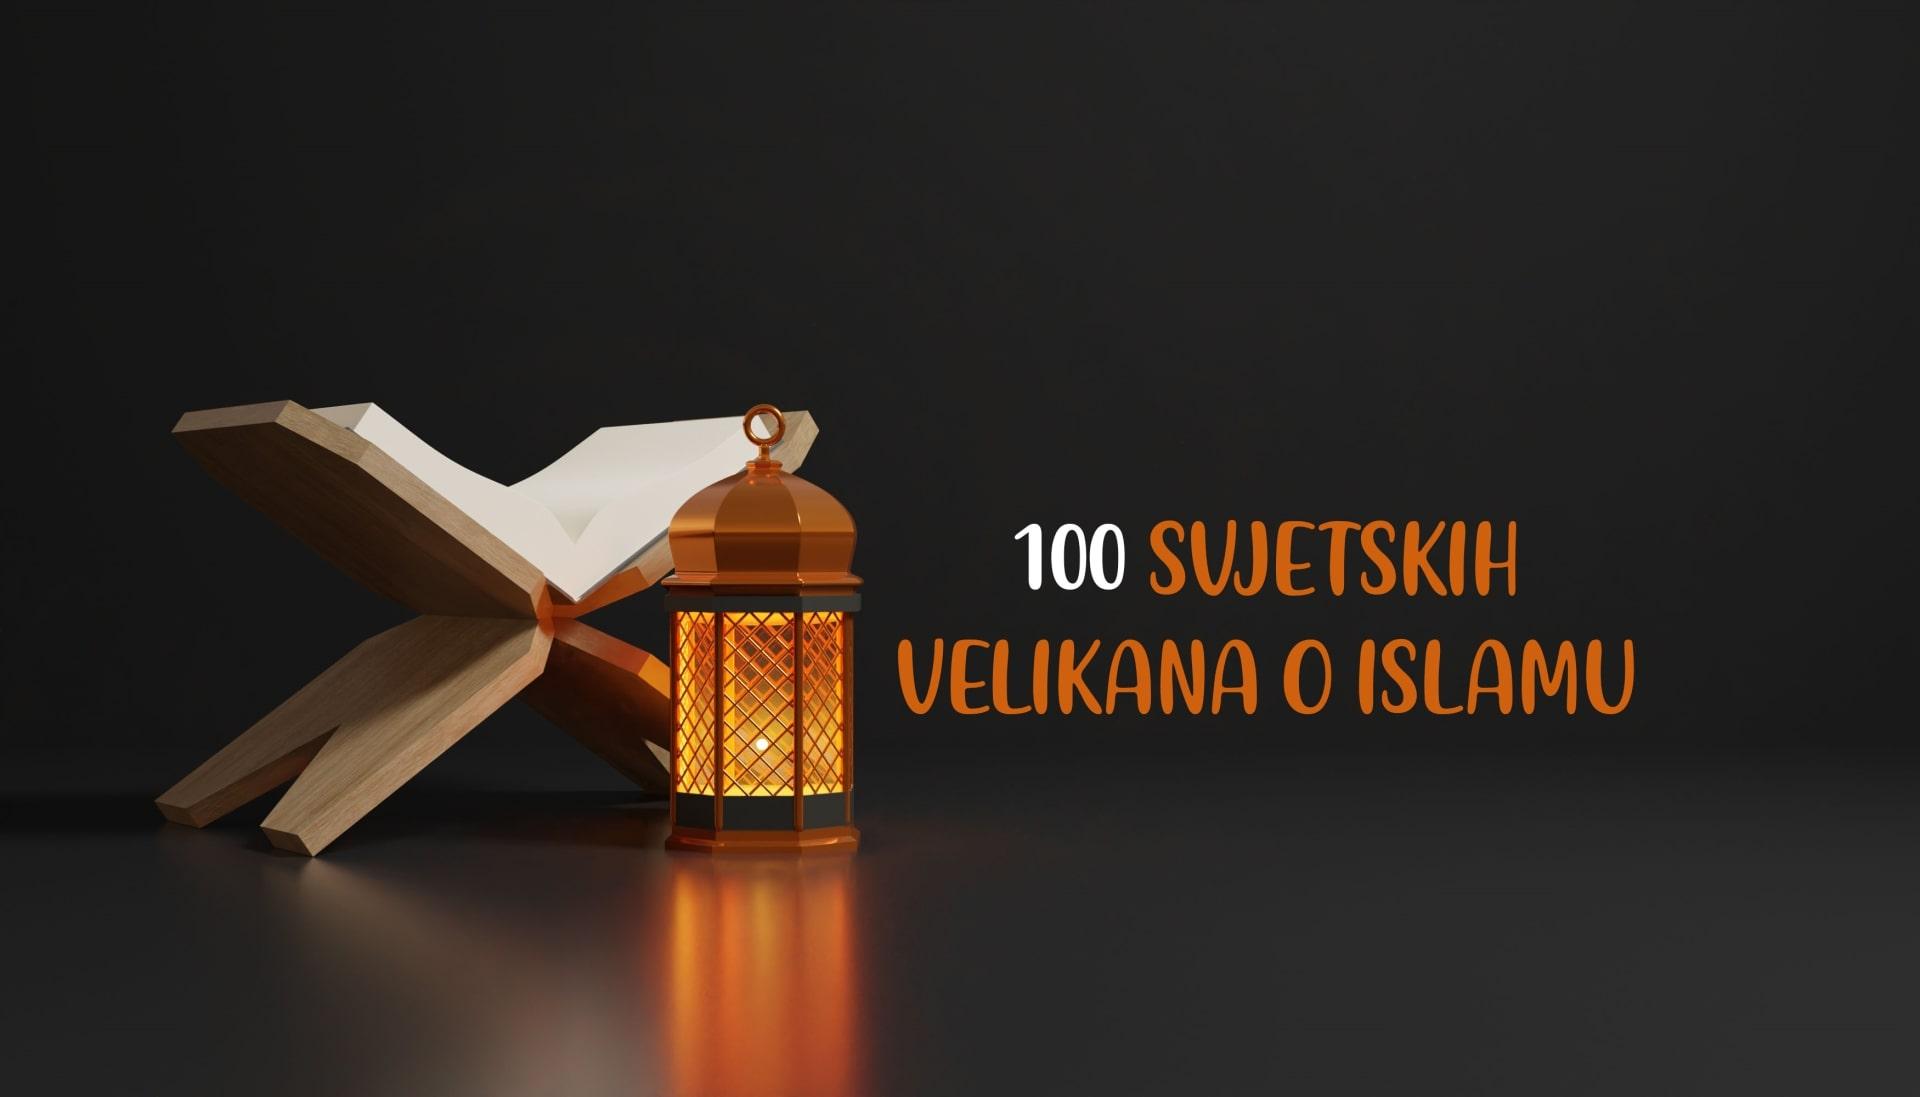 100 svjetskih velikana o islamu – Bosvort Smit